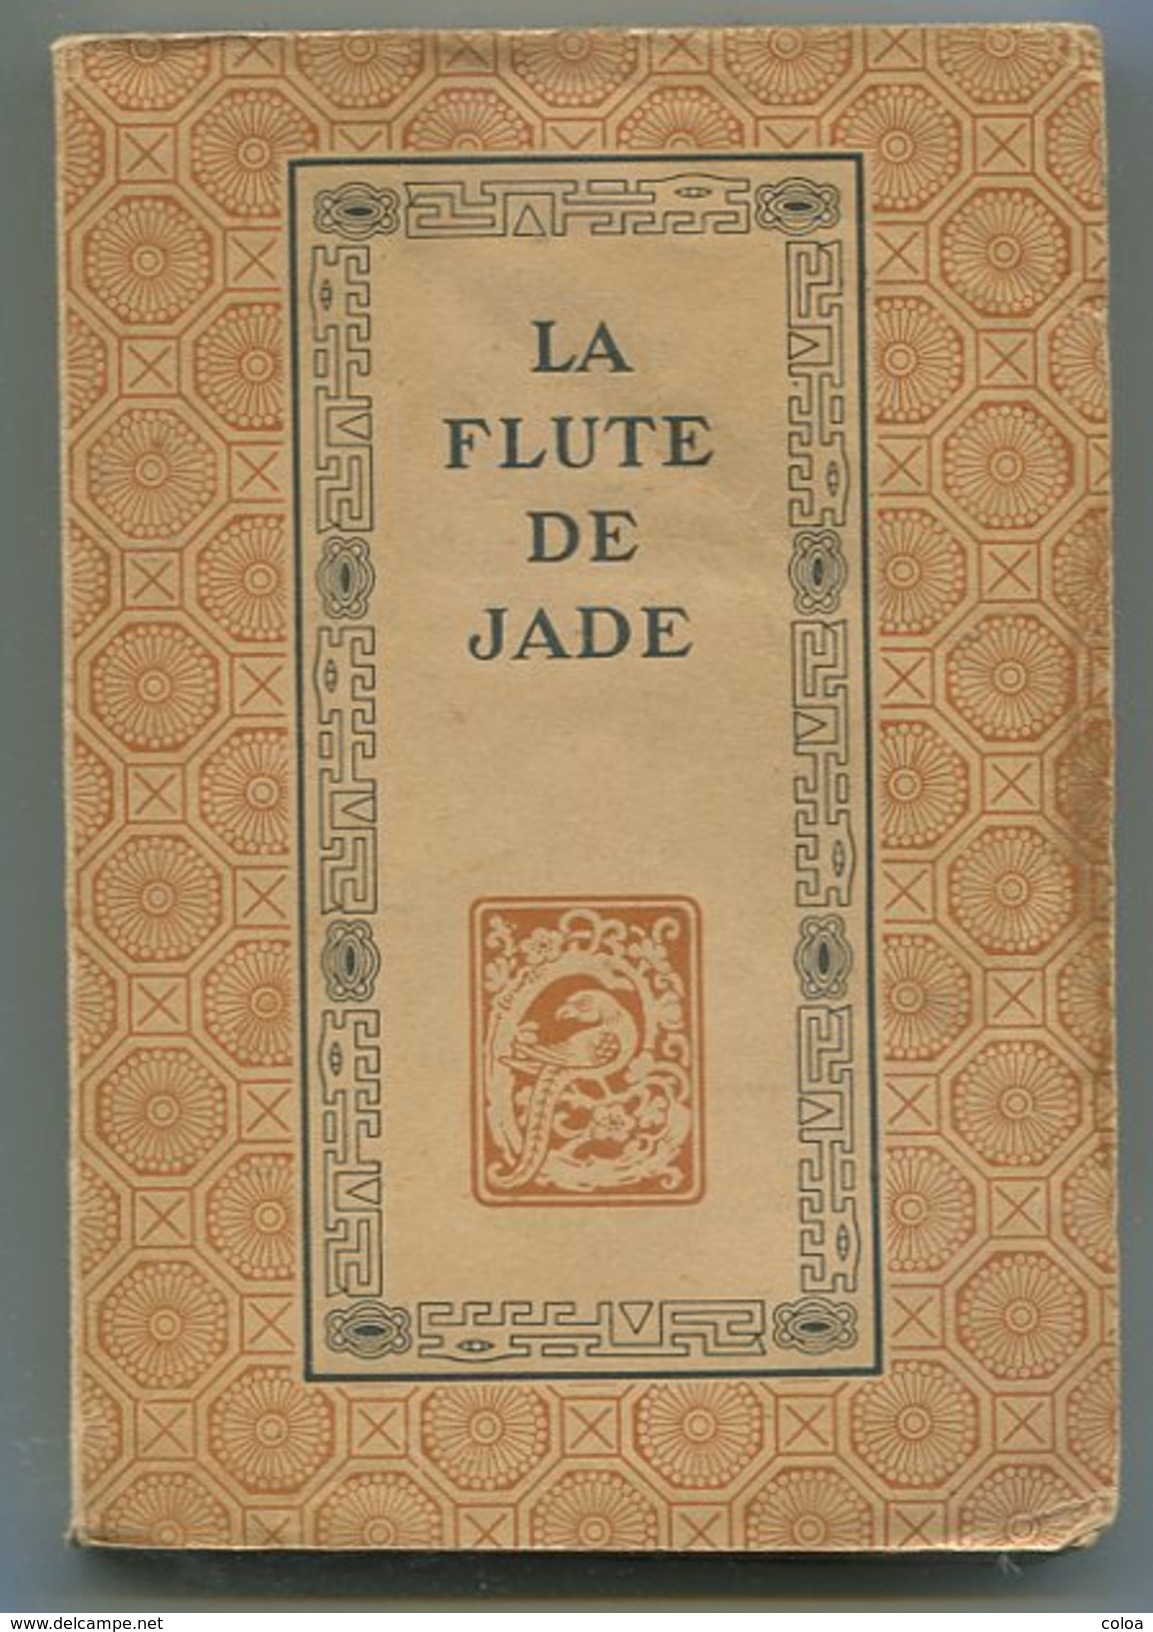 Chine Poésie Chinoise Franz TOUSSAINT La Flûte De Jade 1947 - 1901-1940